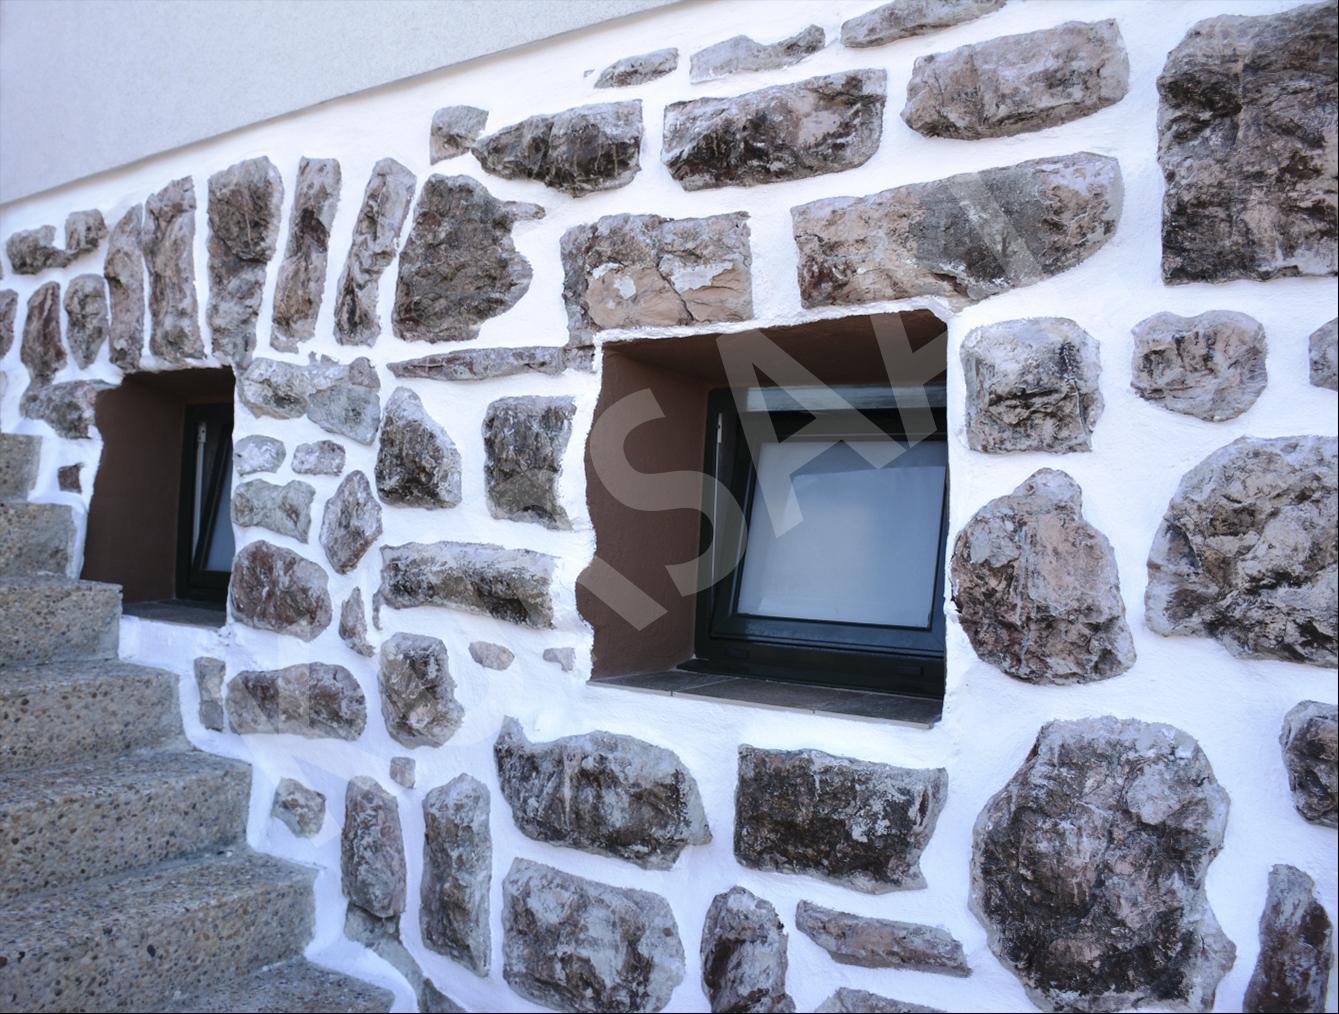 foto 14 - Aislamientos Térmicos y Eficiencia Energética-Calzada de Oleta 17-DONOSTIA